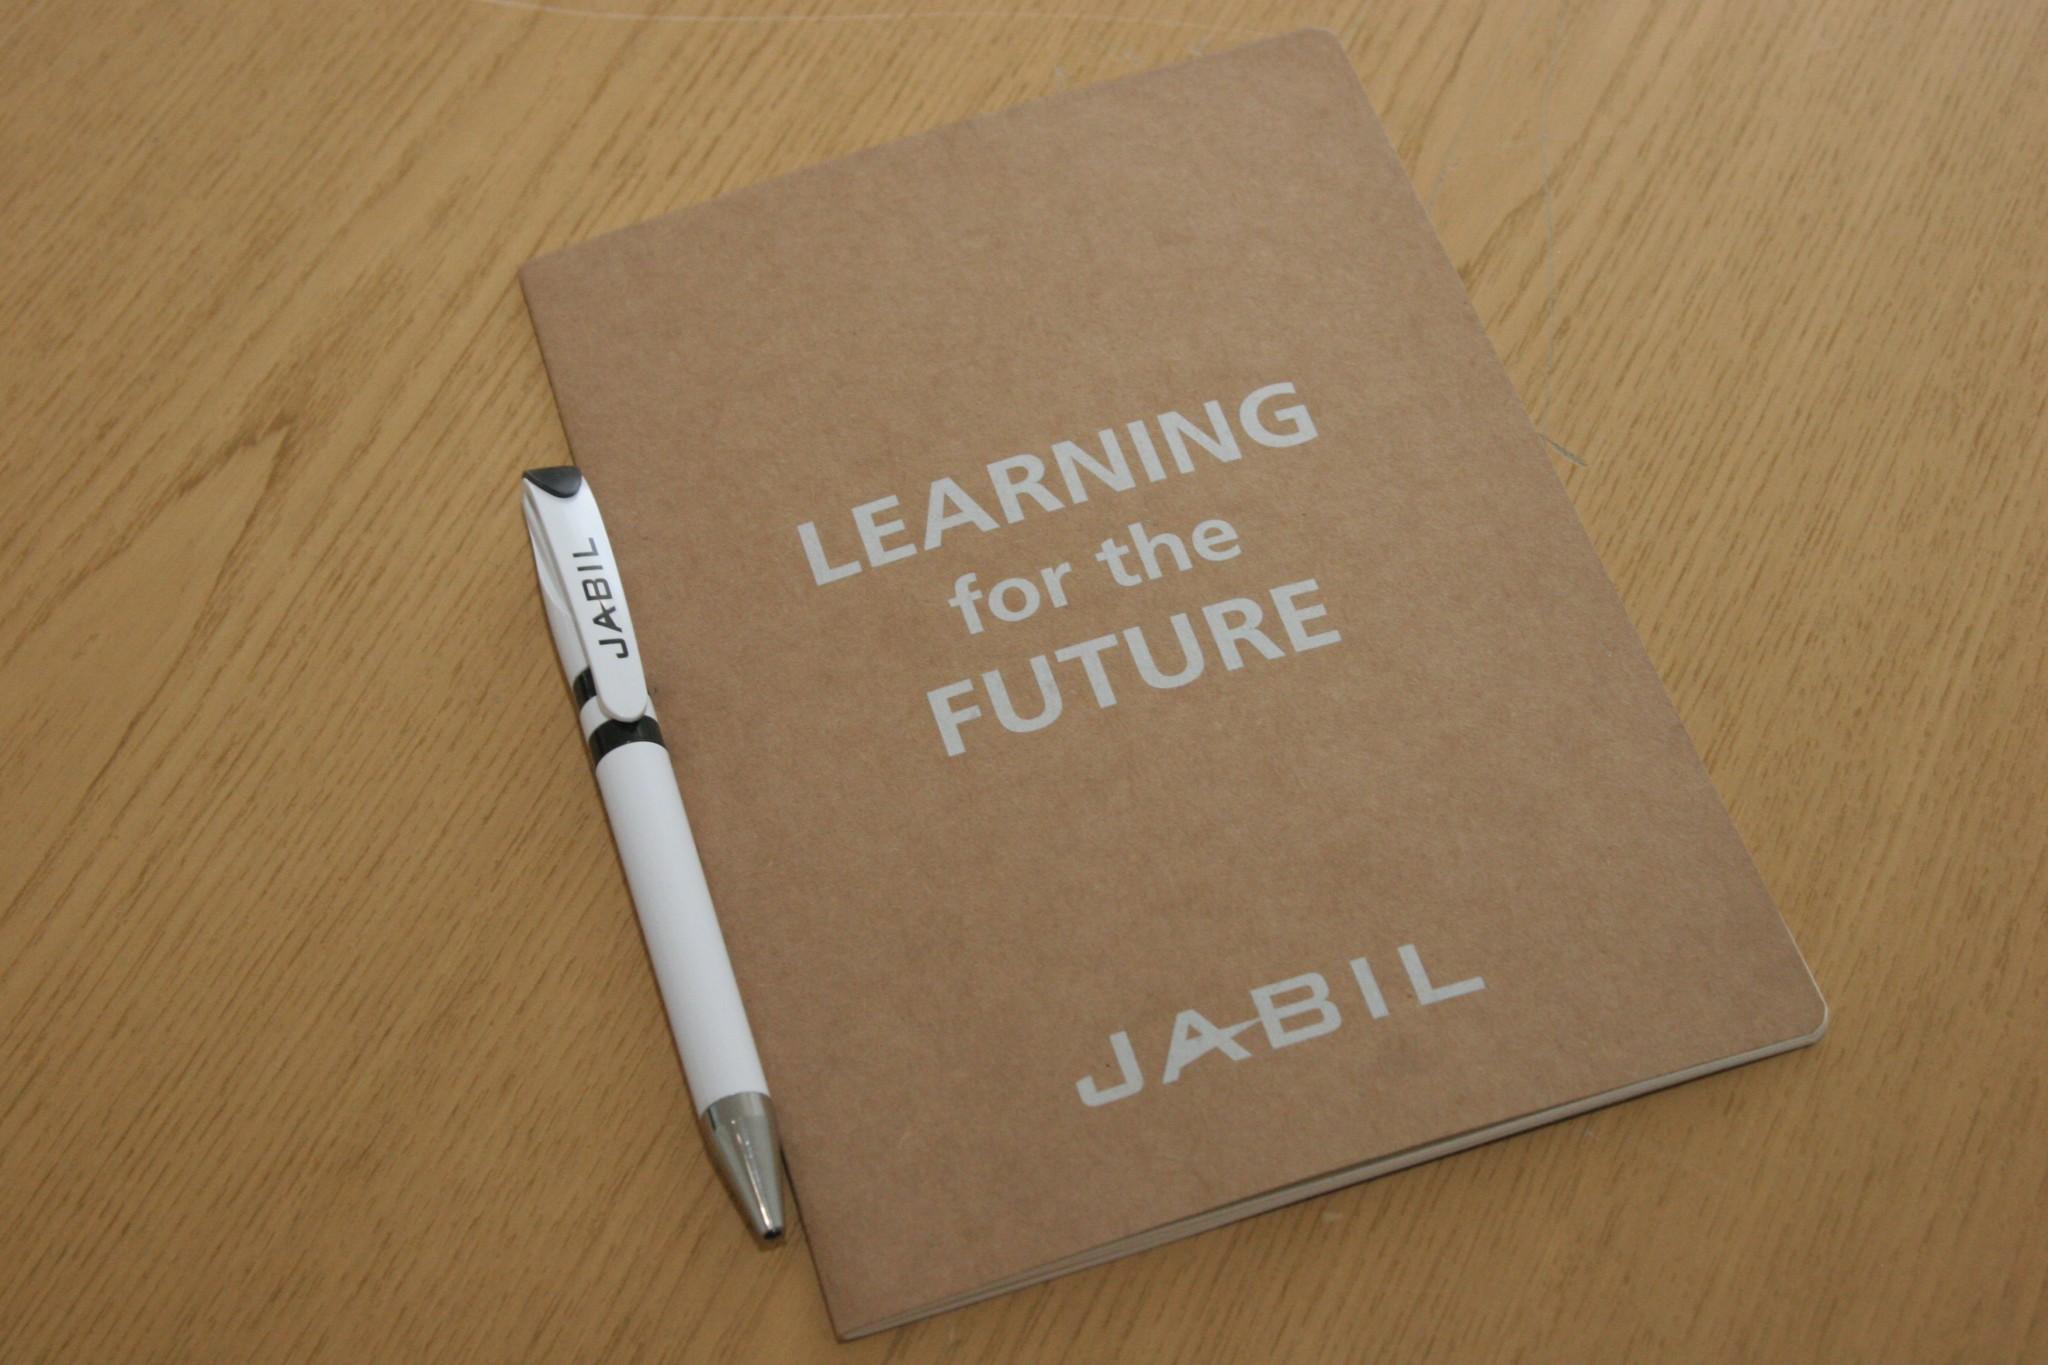 Студентам ХНУРЕ розповіли про можливості практики у компанії JABIL